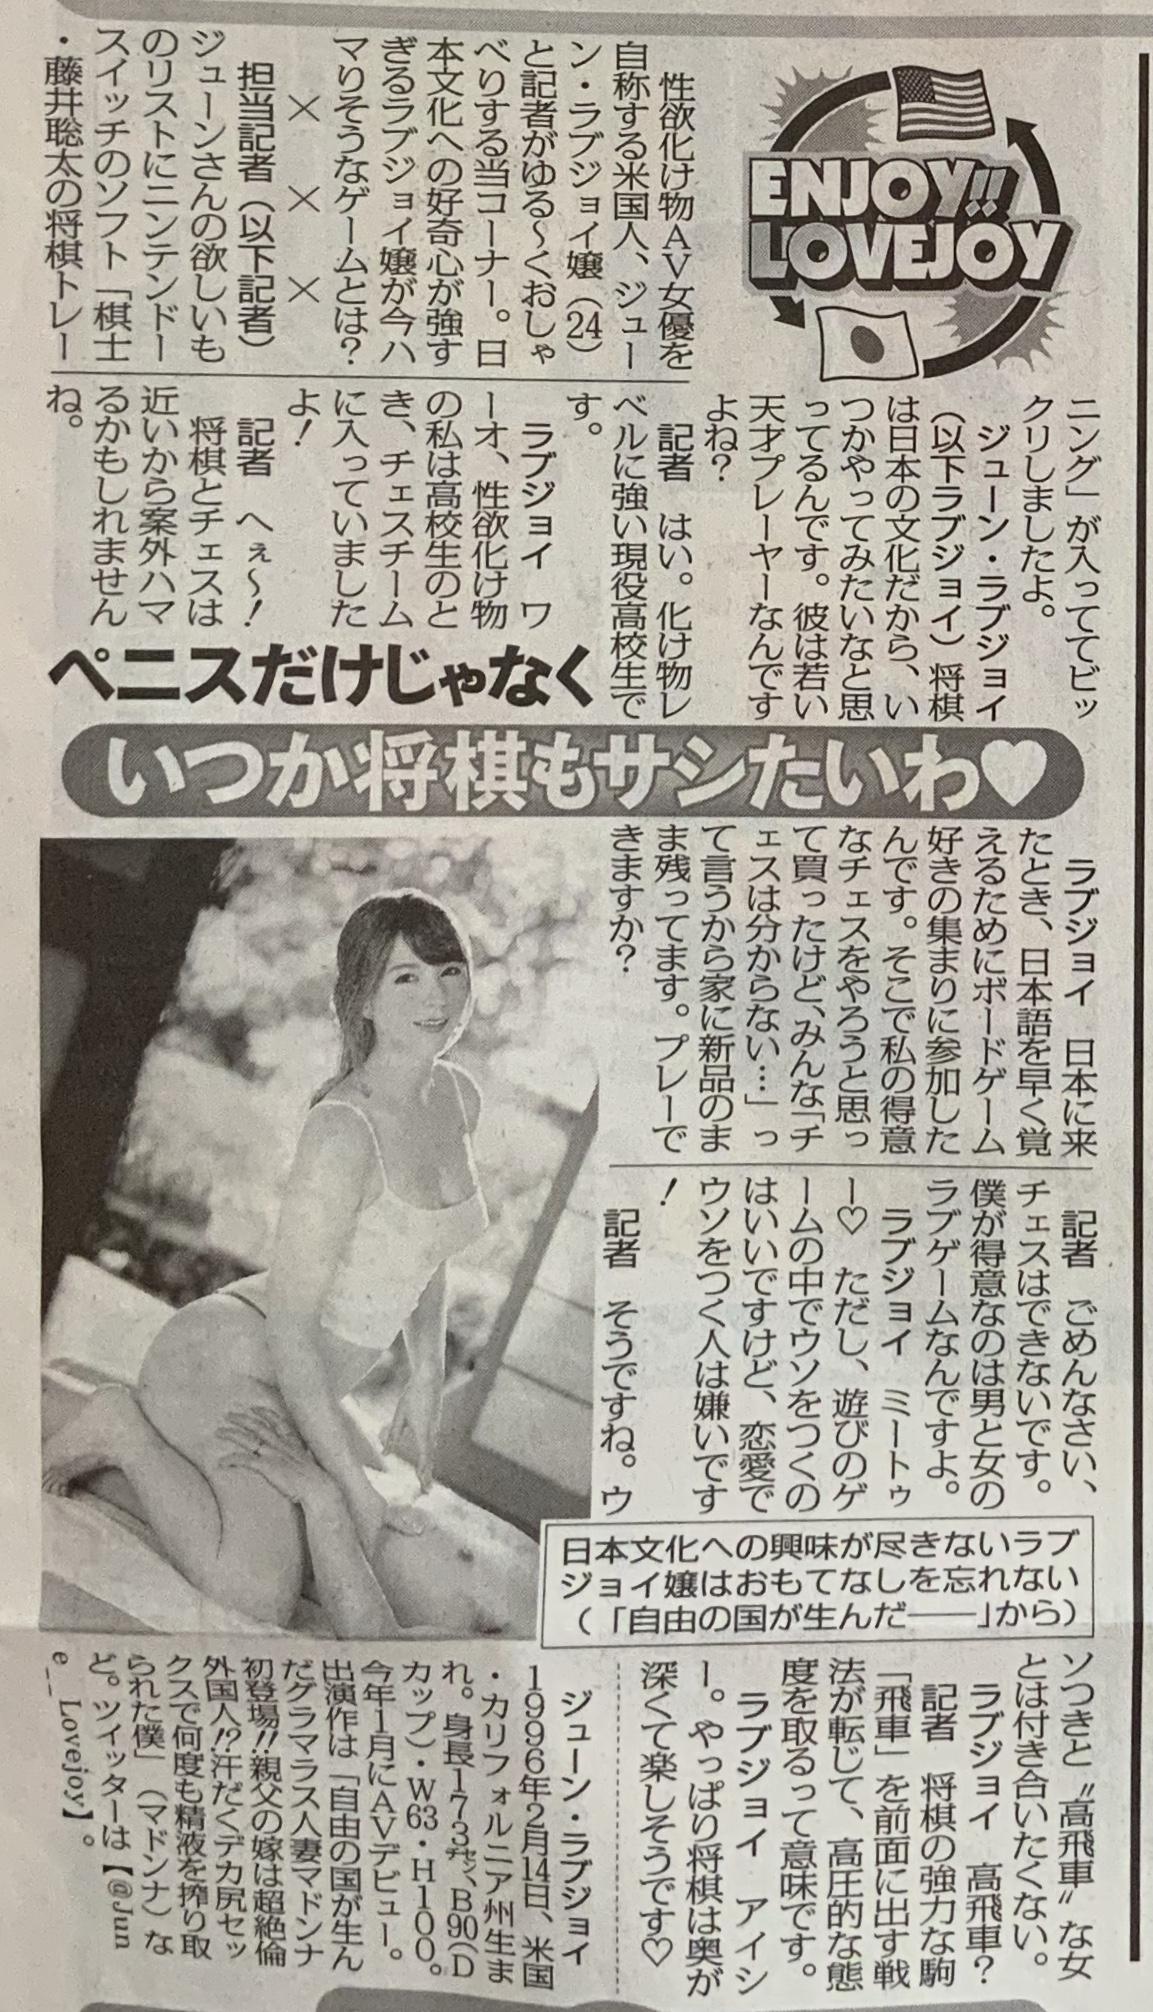 東京スポーツ ENJOY!!LOVEJOY 7/12/2020